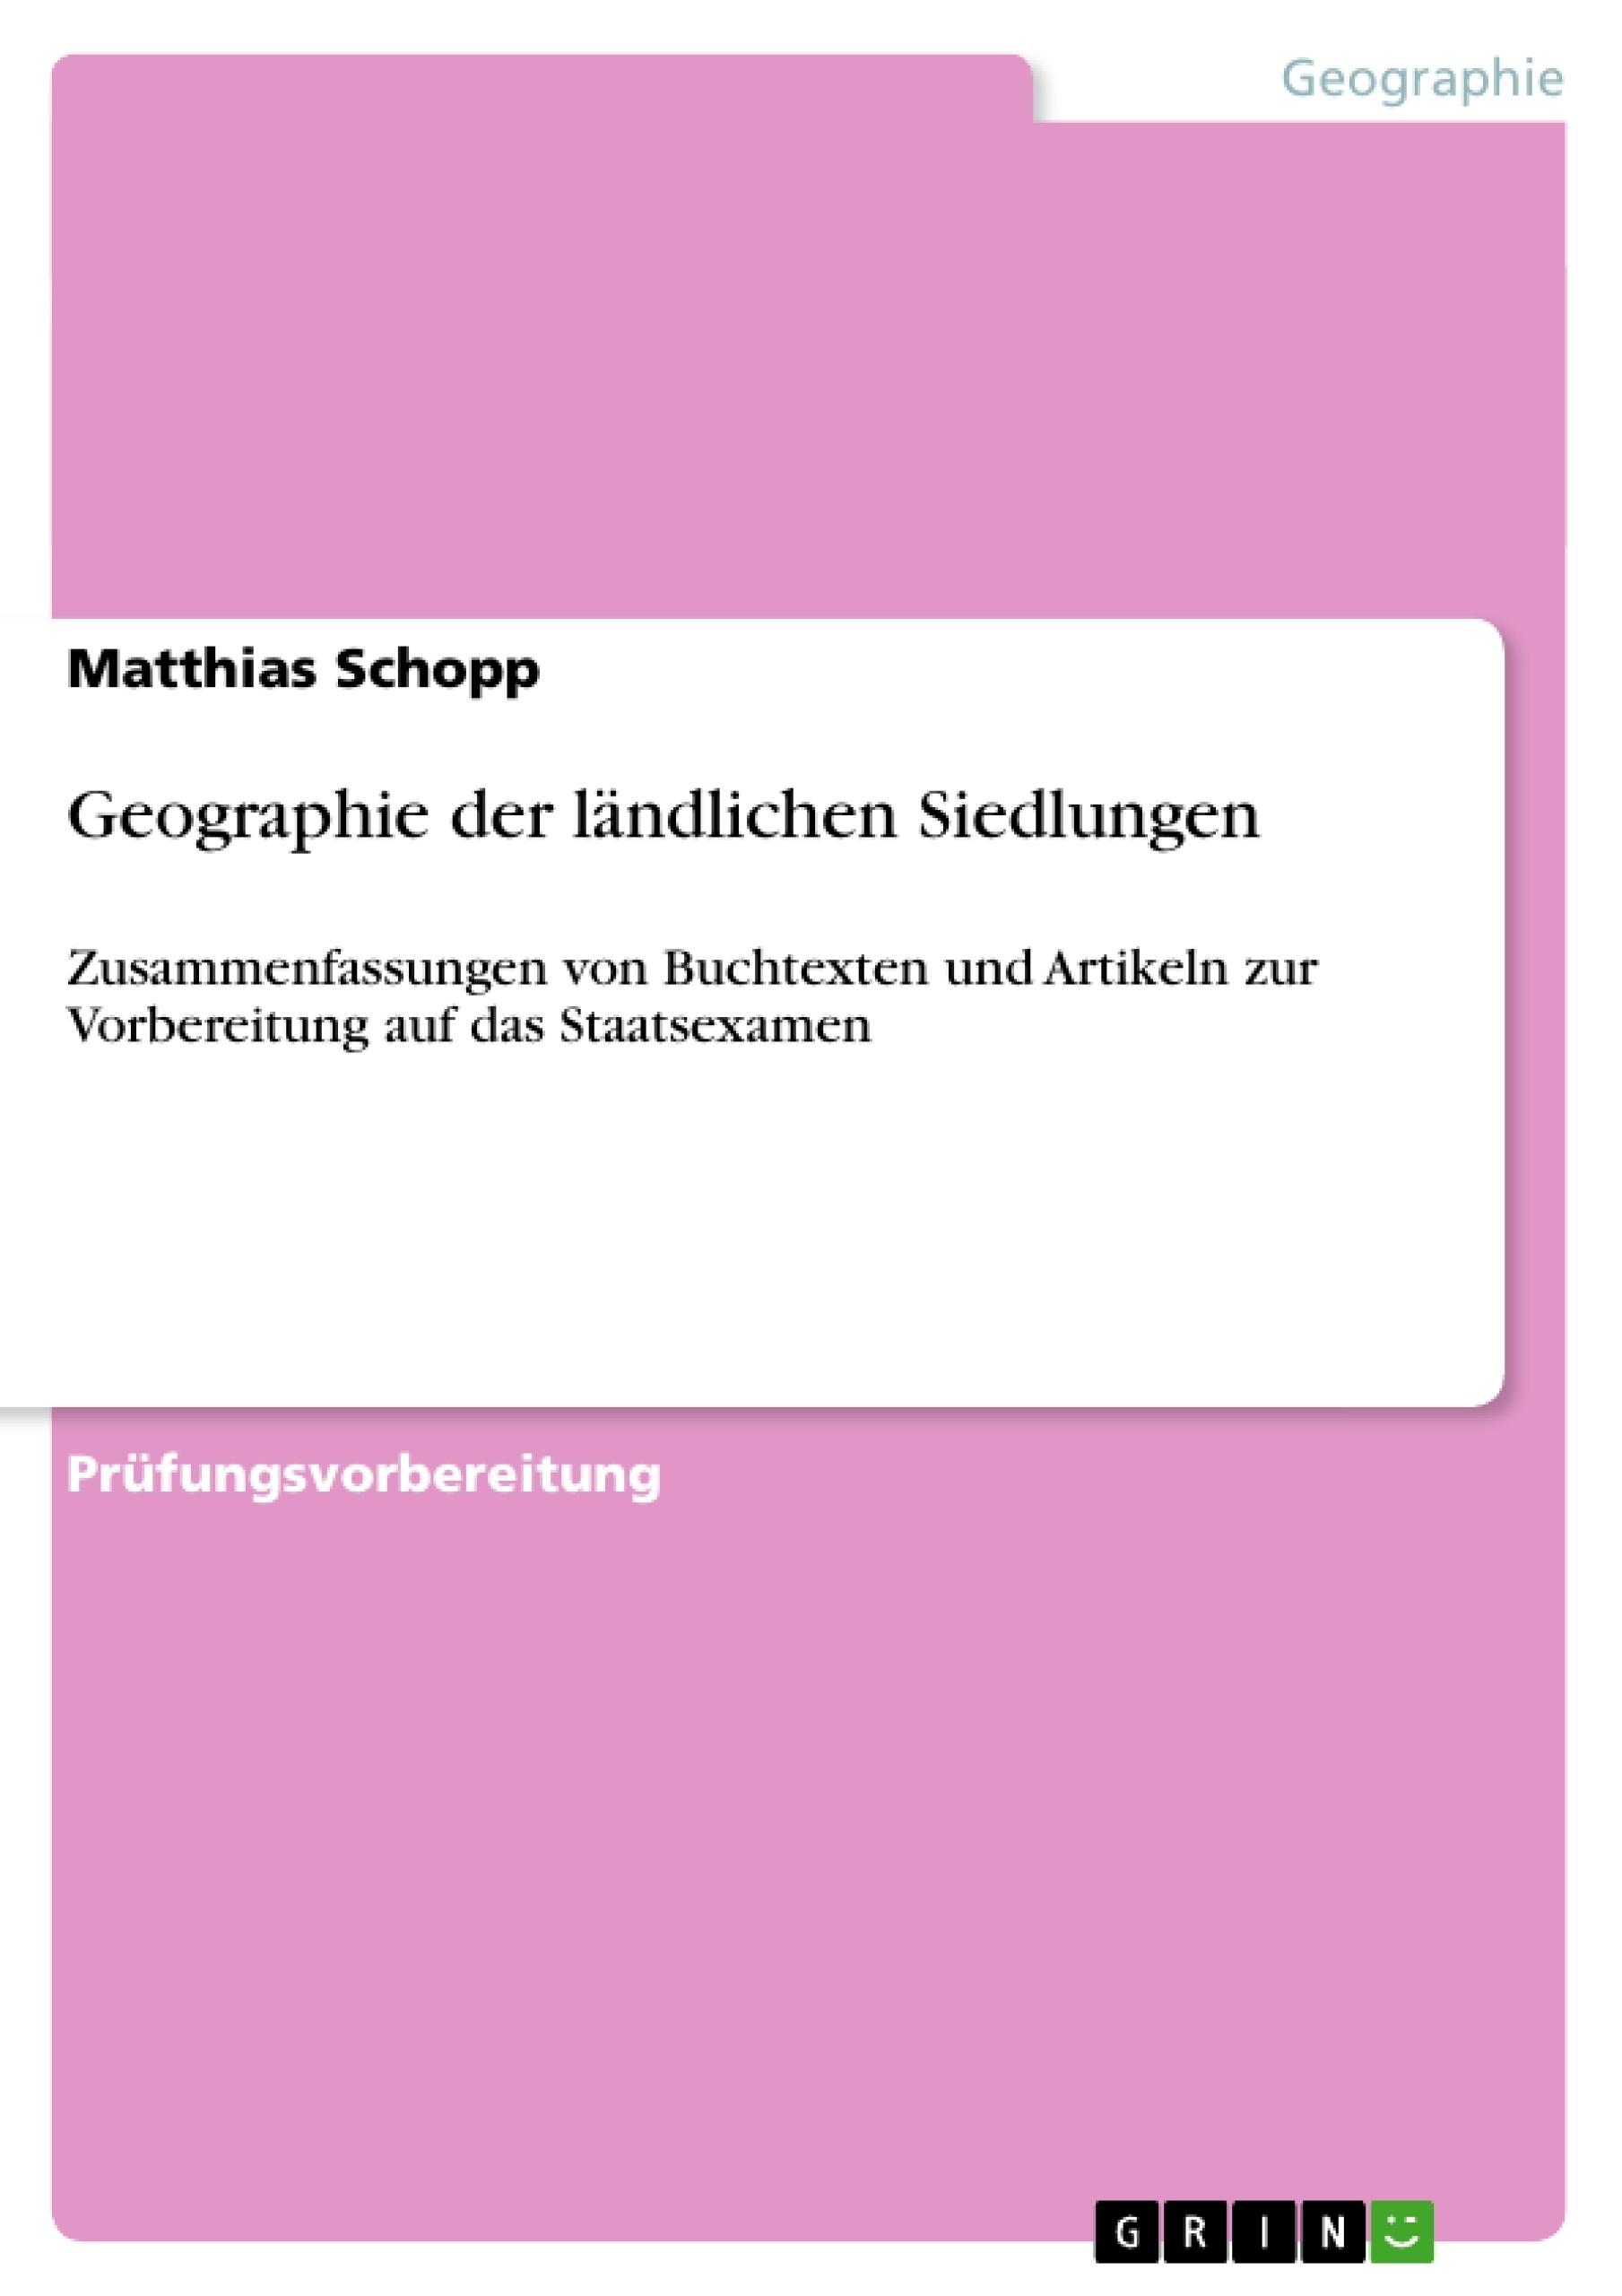 Titel: Geographie der ländlichen Siedlungen